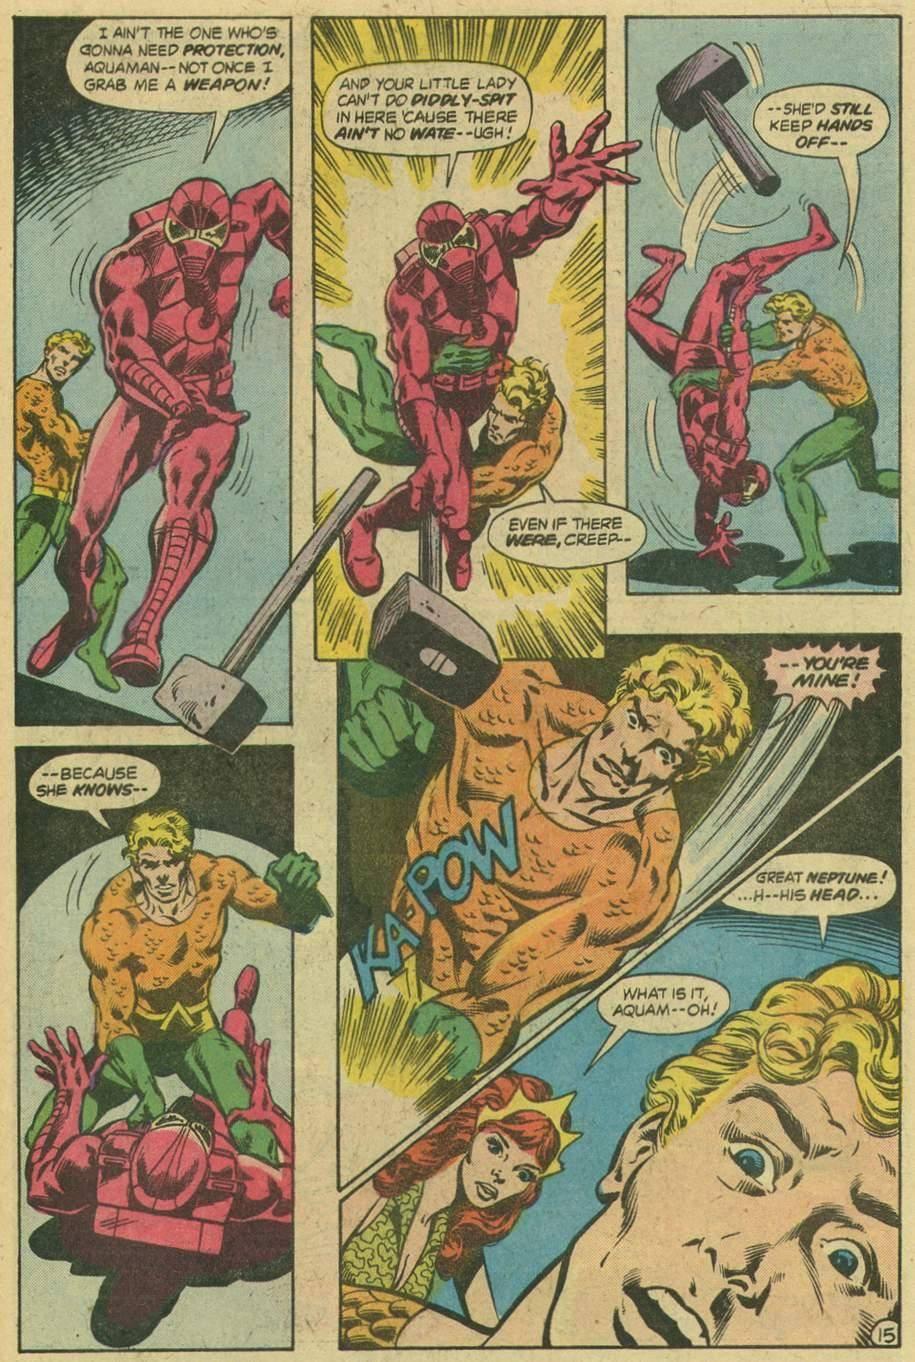 Aquaman v1 62